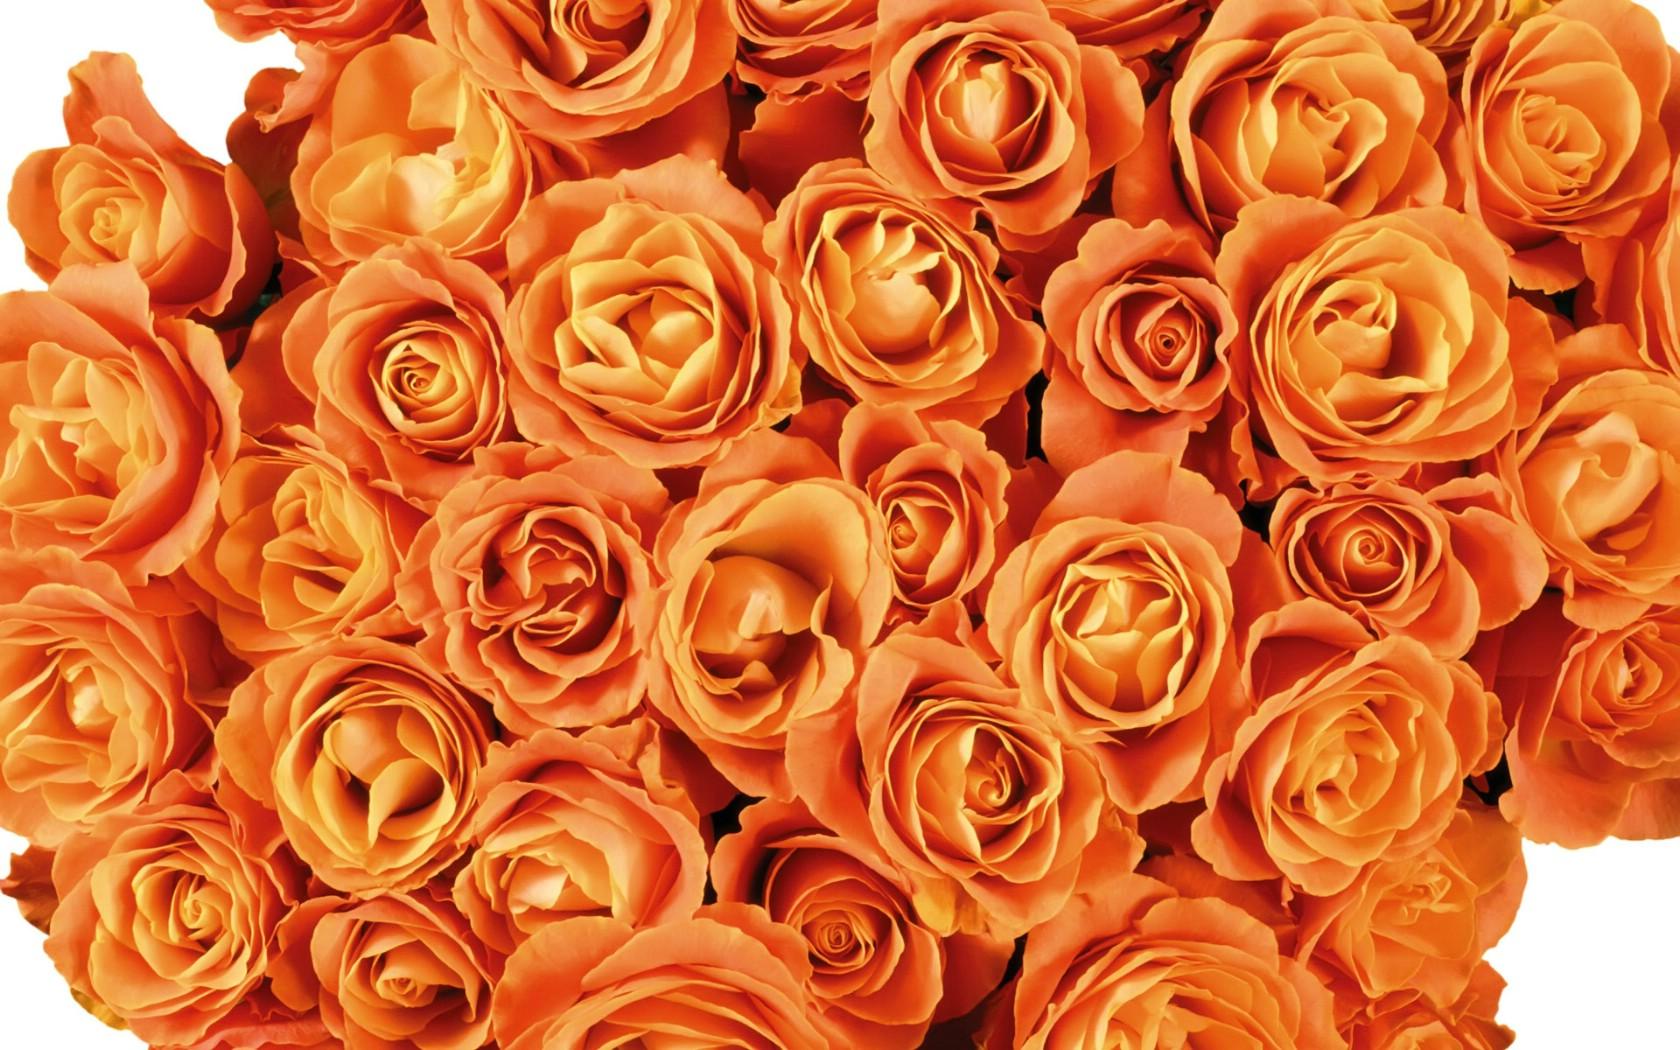 壁纸1680×10501920花朵背景 1 20壁纸 花朵背景 1920花朵背景 第一辑壁纸图片花卉壁纸花卉图片素材桌面壁纸